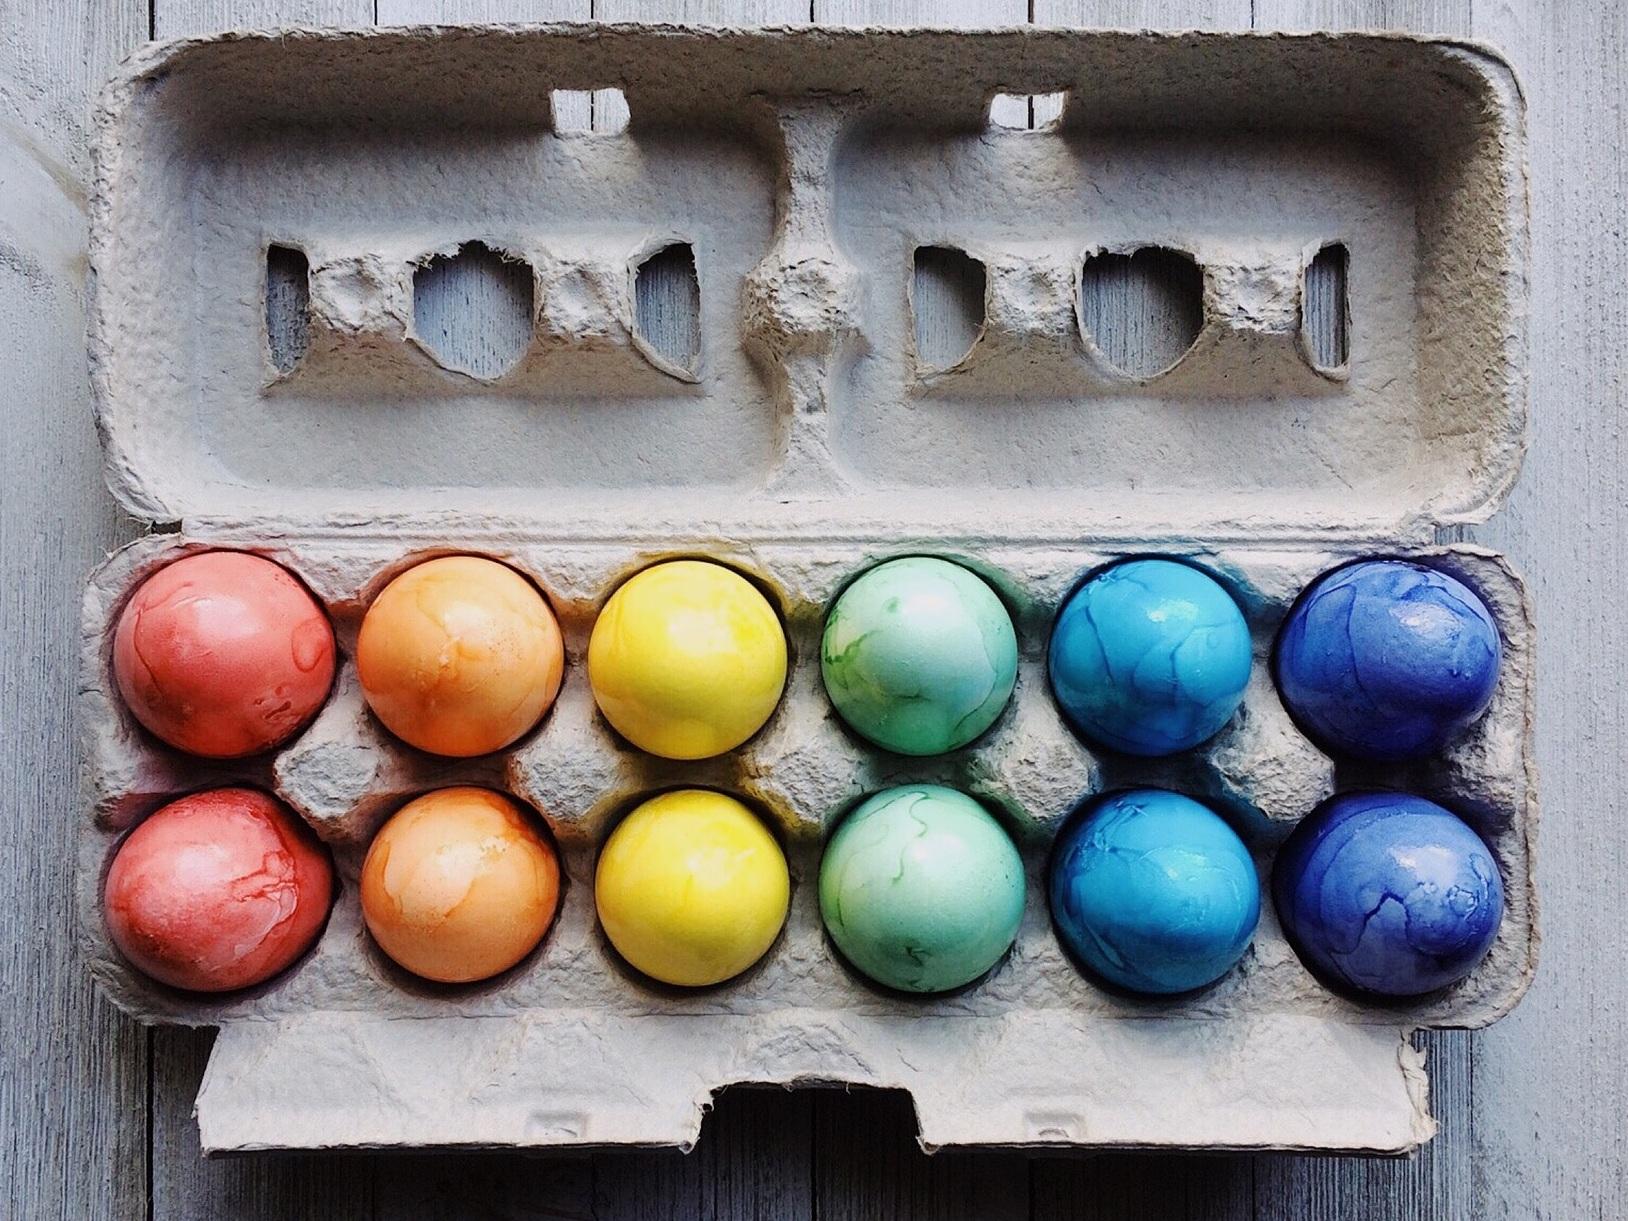 eggs-3216877_1920.jpg